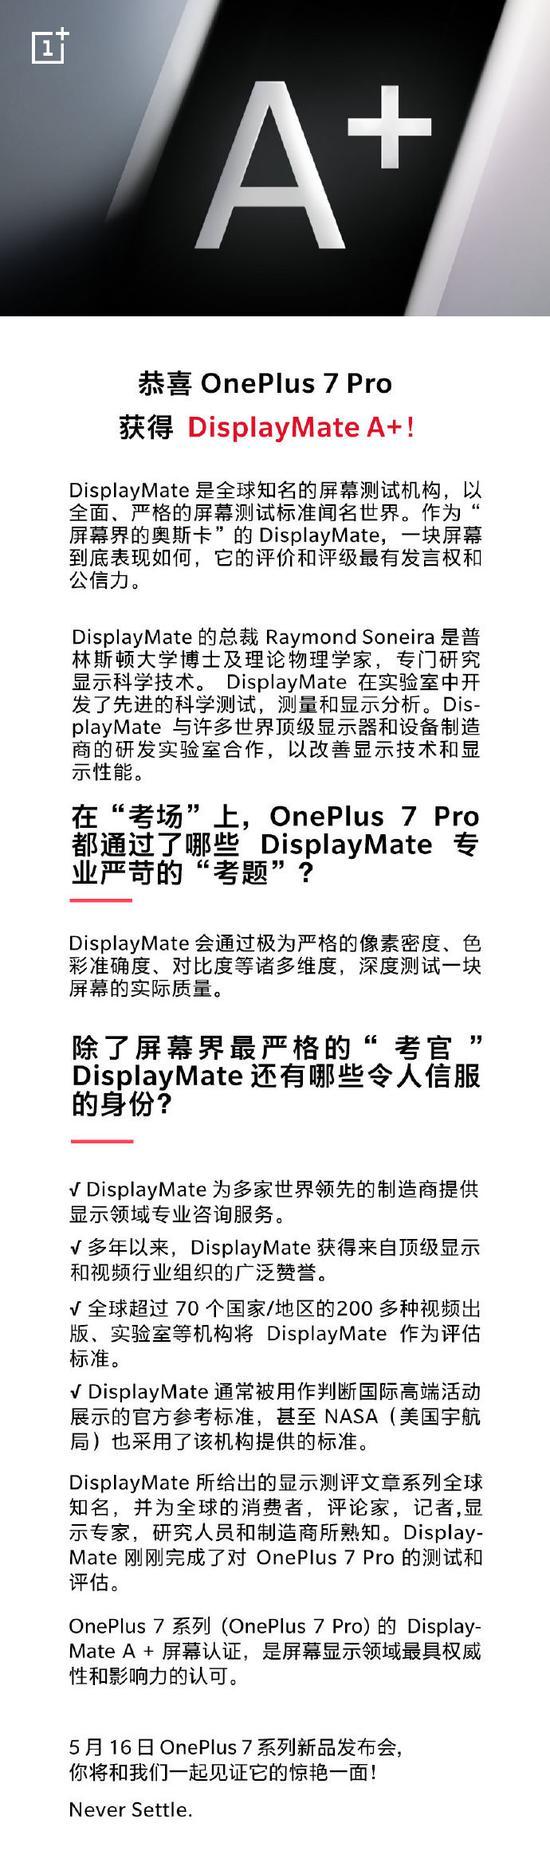 一加7 Pro获DisplayMate A+认证